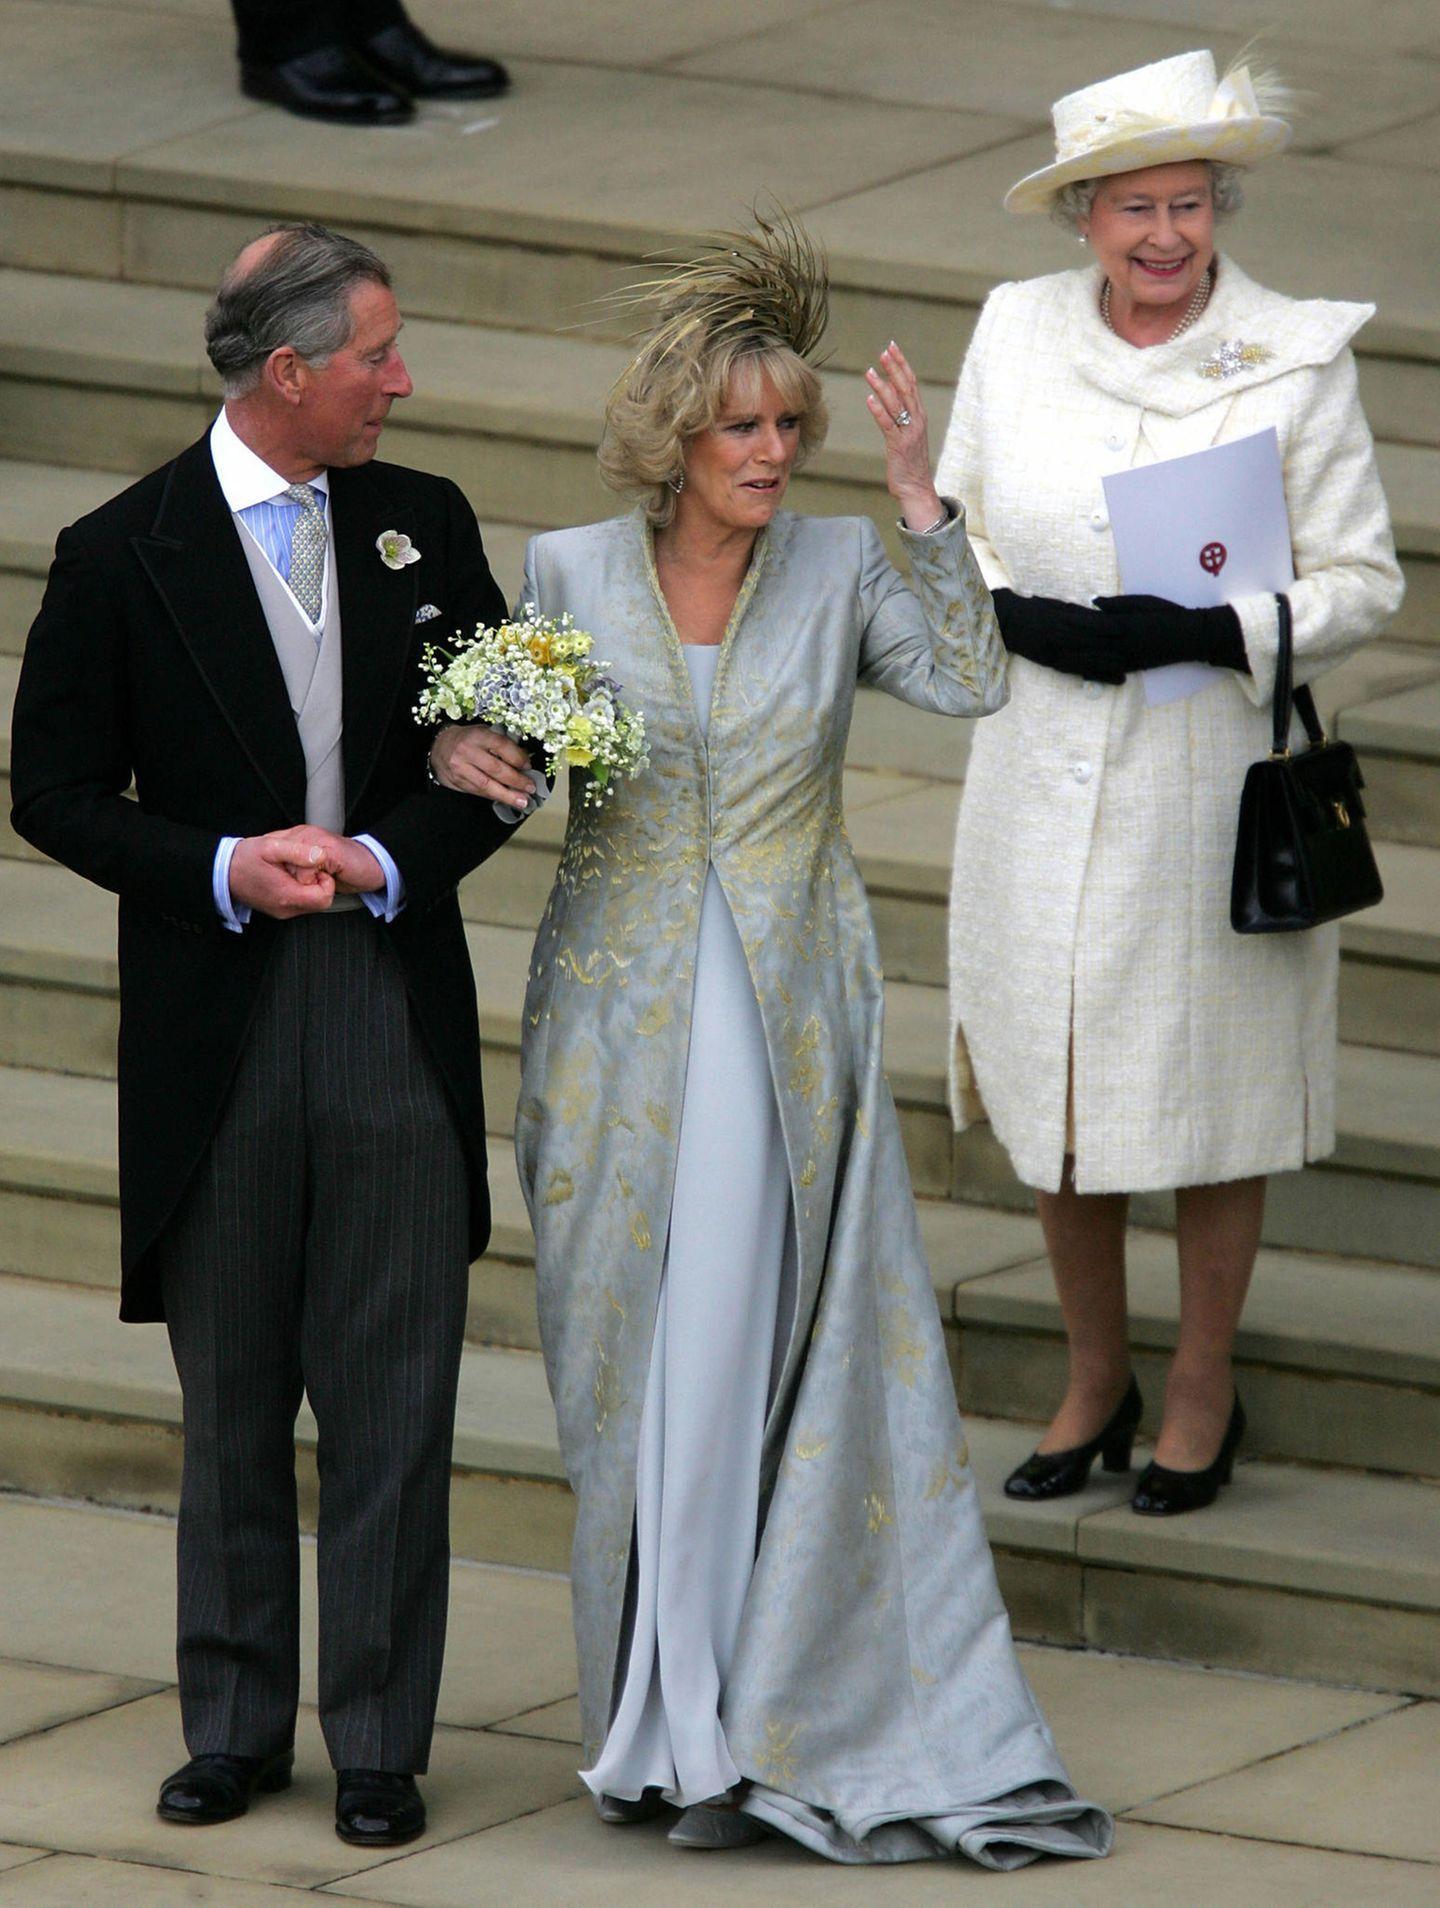 Konigin Elizabeth Ii Ihre Beruhmtesten Looks Konigliche Hochzeitskleider Royale Hochzeiten Kleid Hochzeit